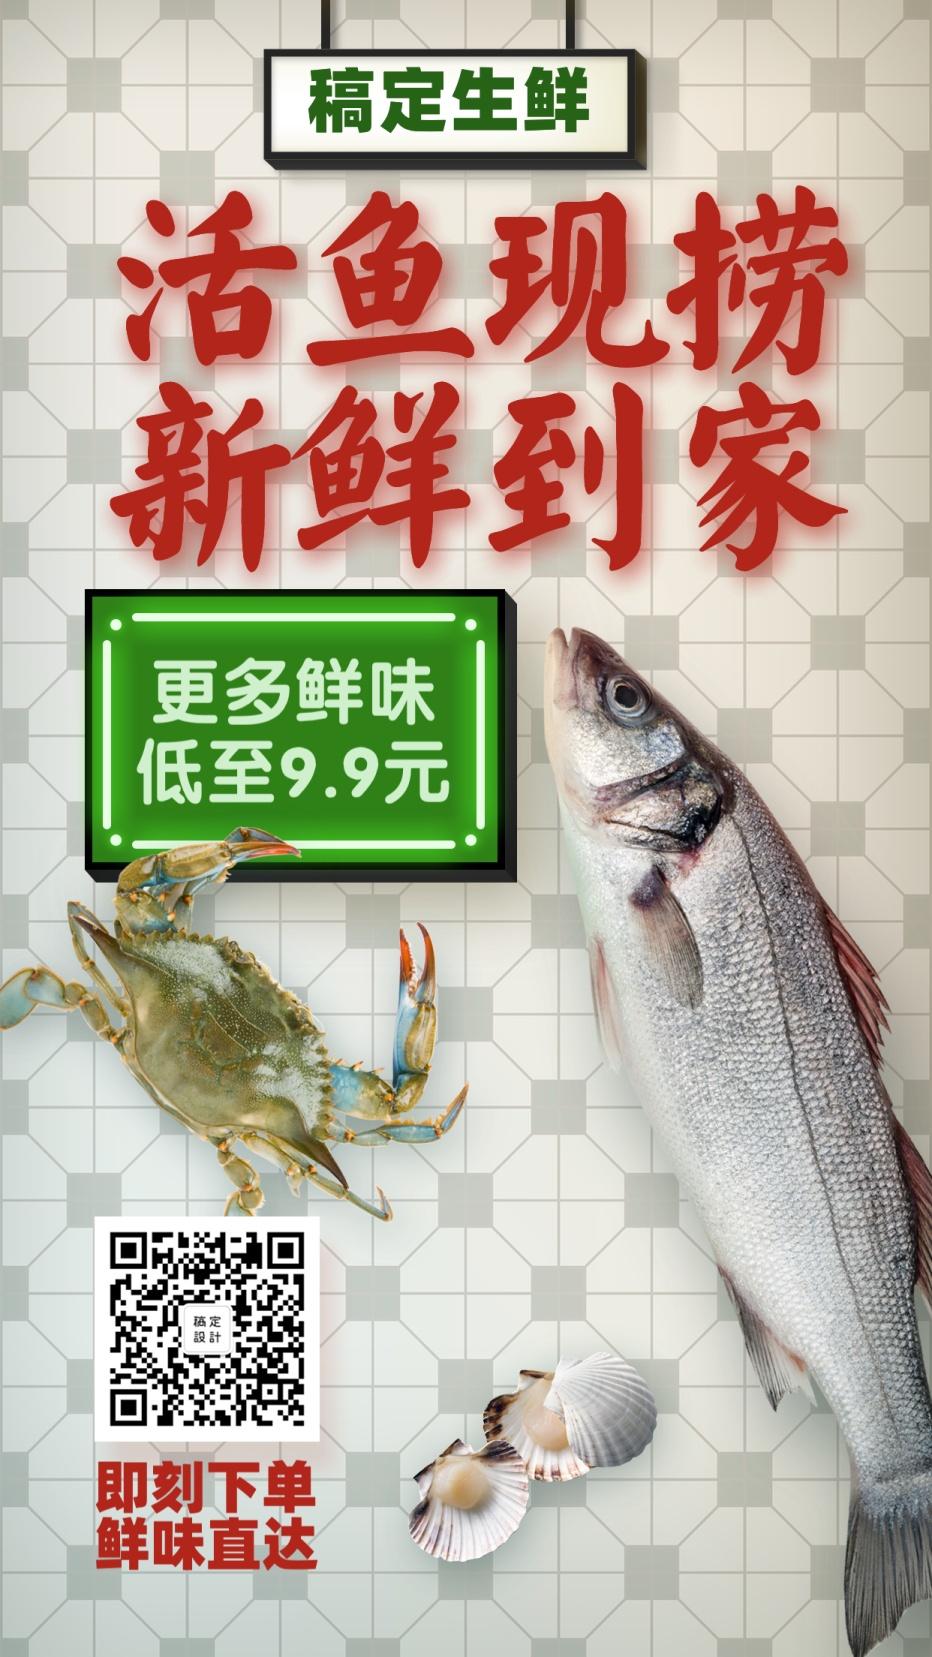 餐饮美食/生鲜促销直达/复古创意/手机海报